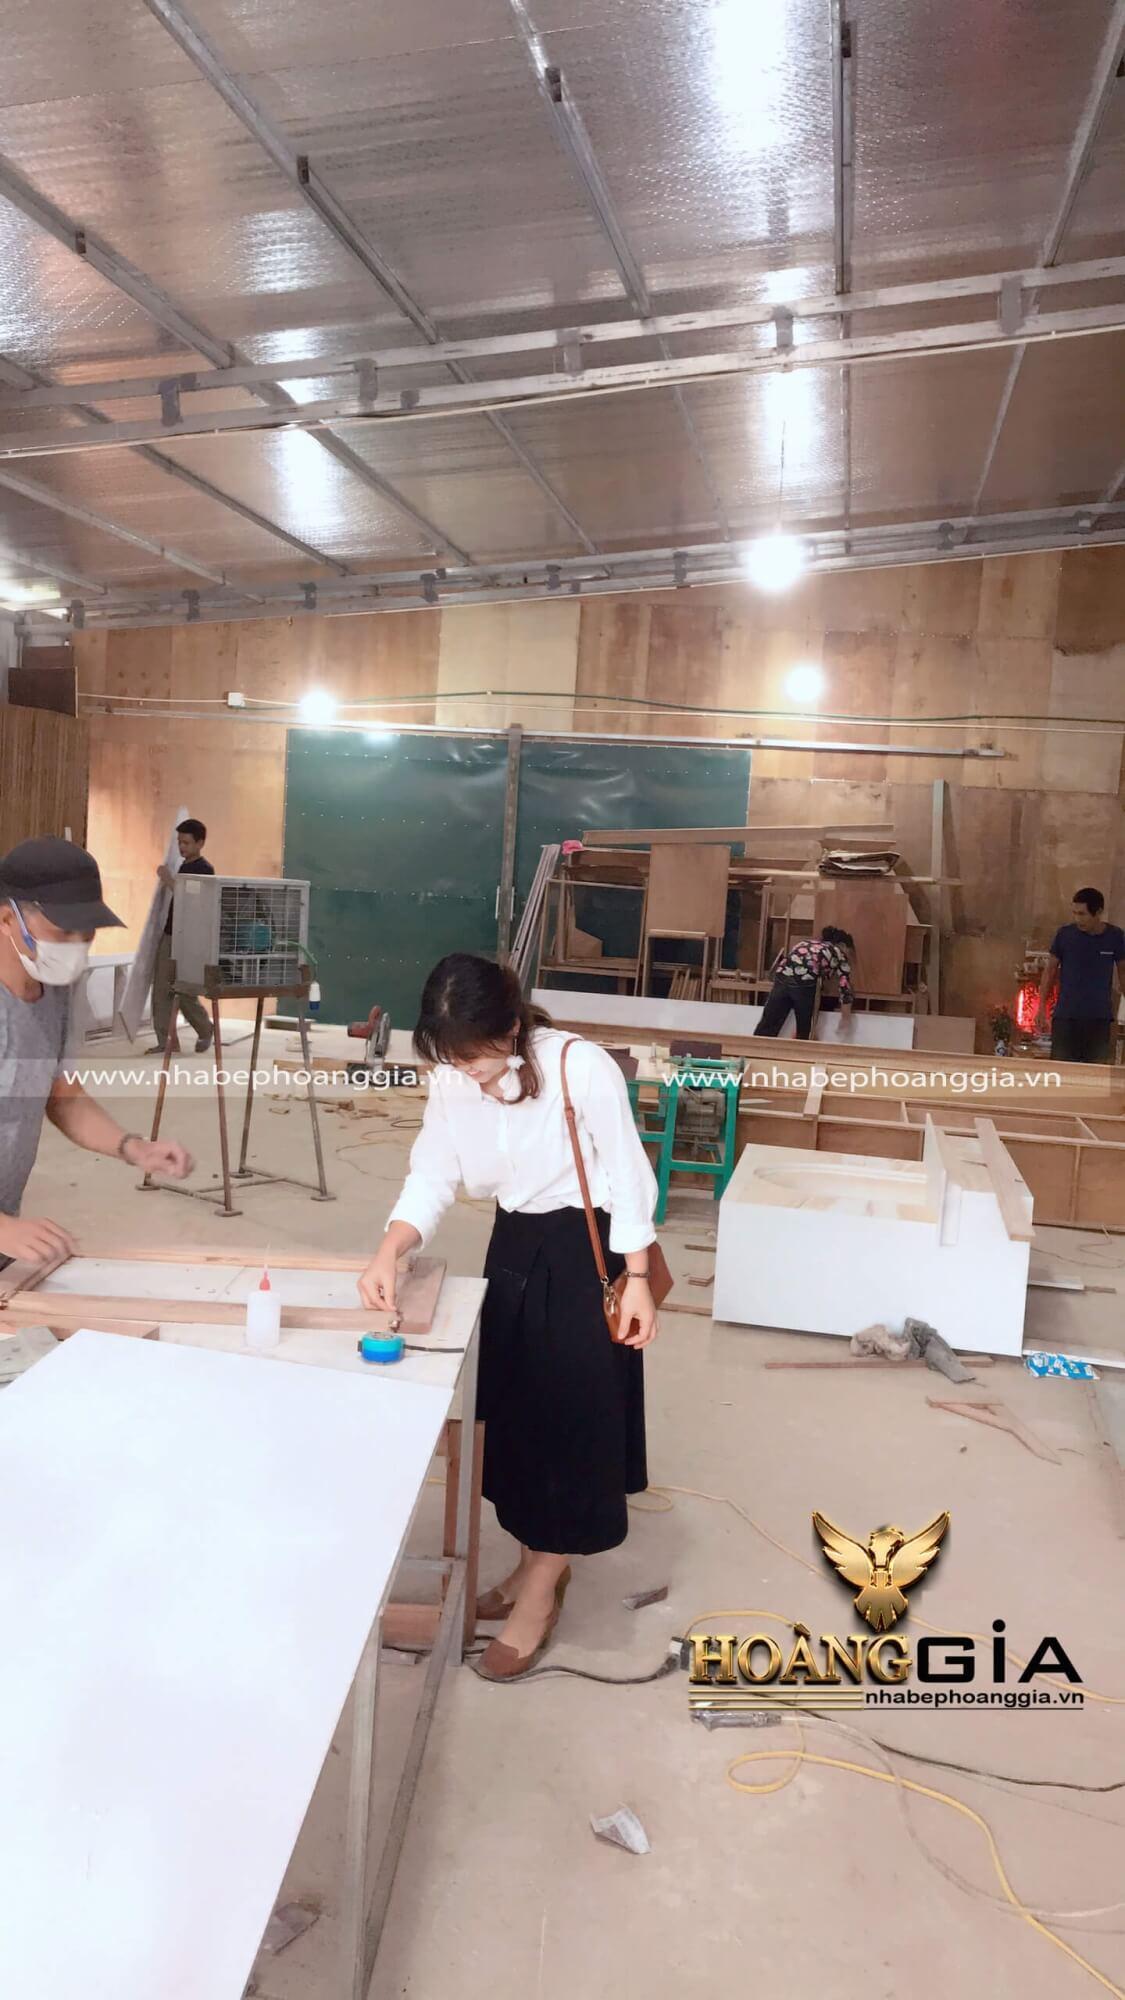 xưởng đóng quần áo cửa lùa Hà Nội